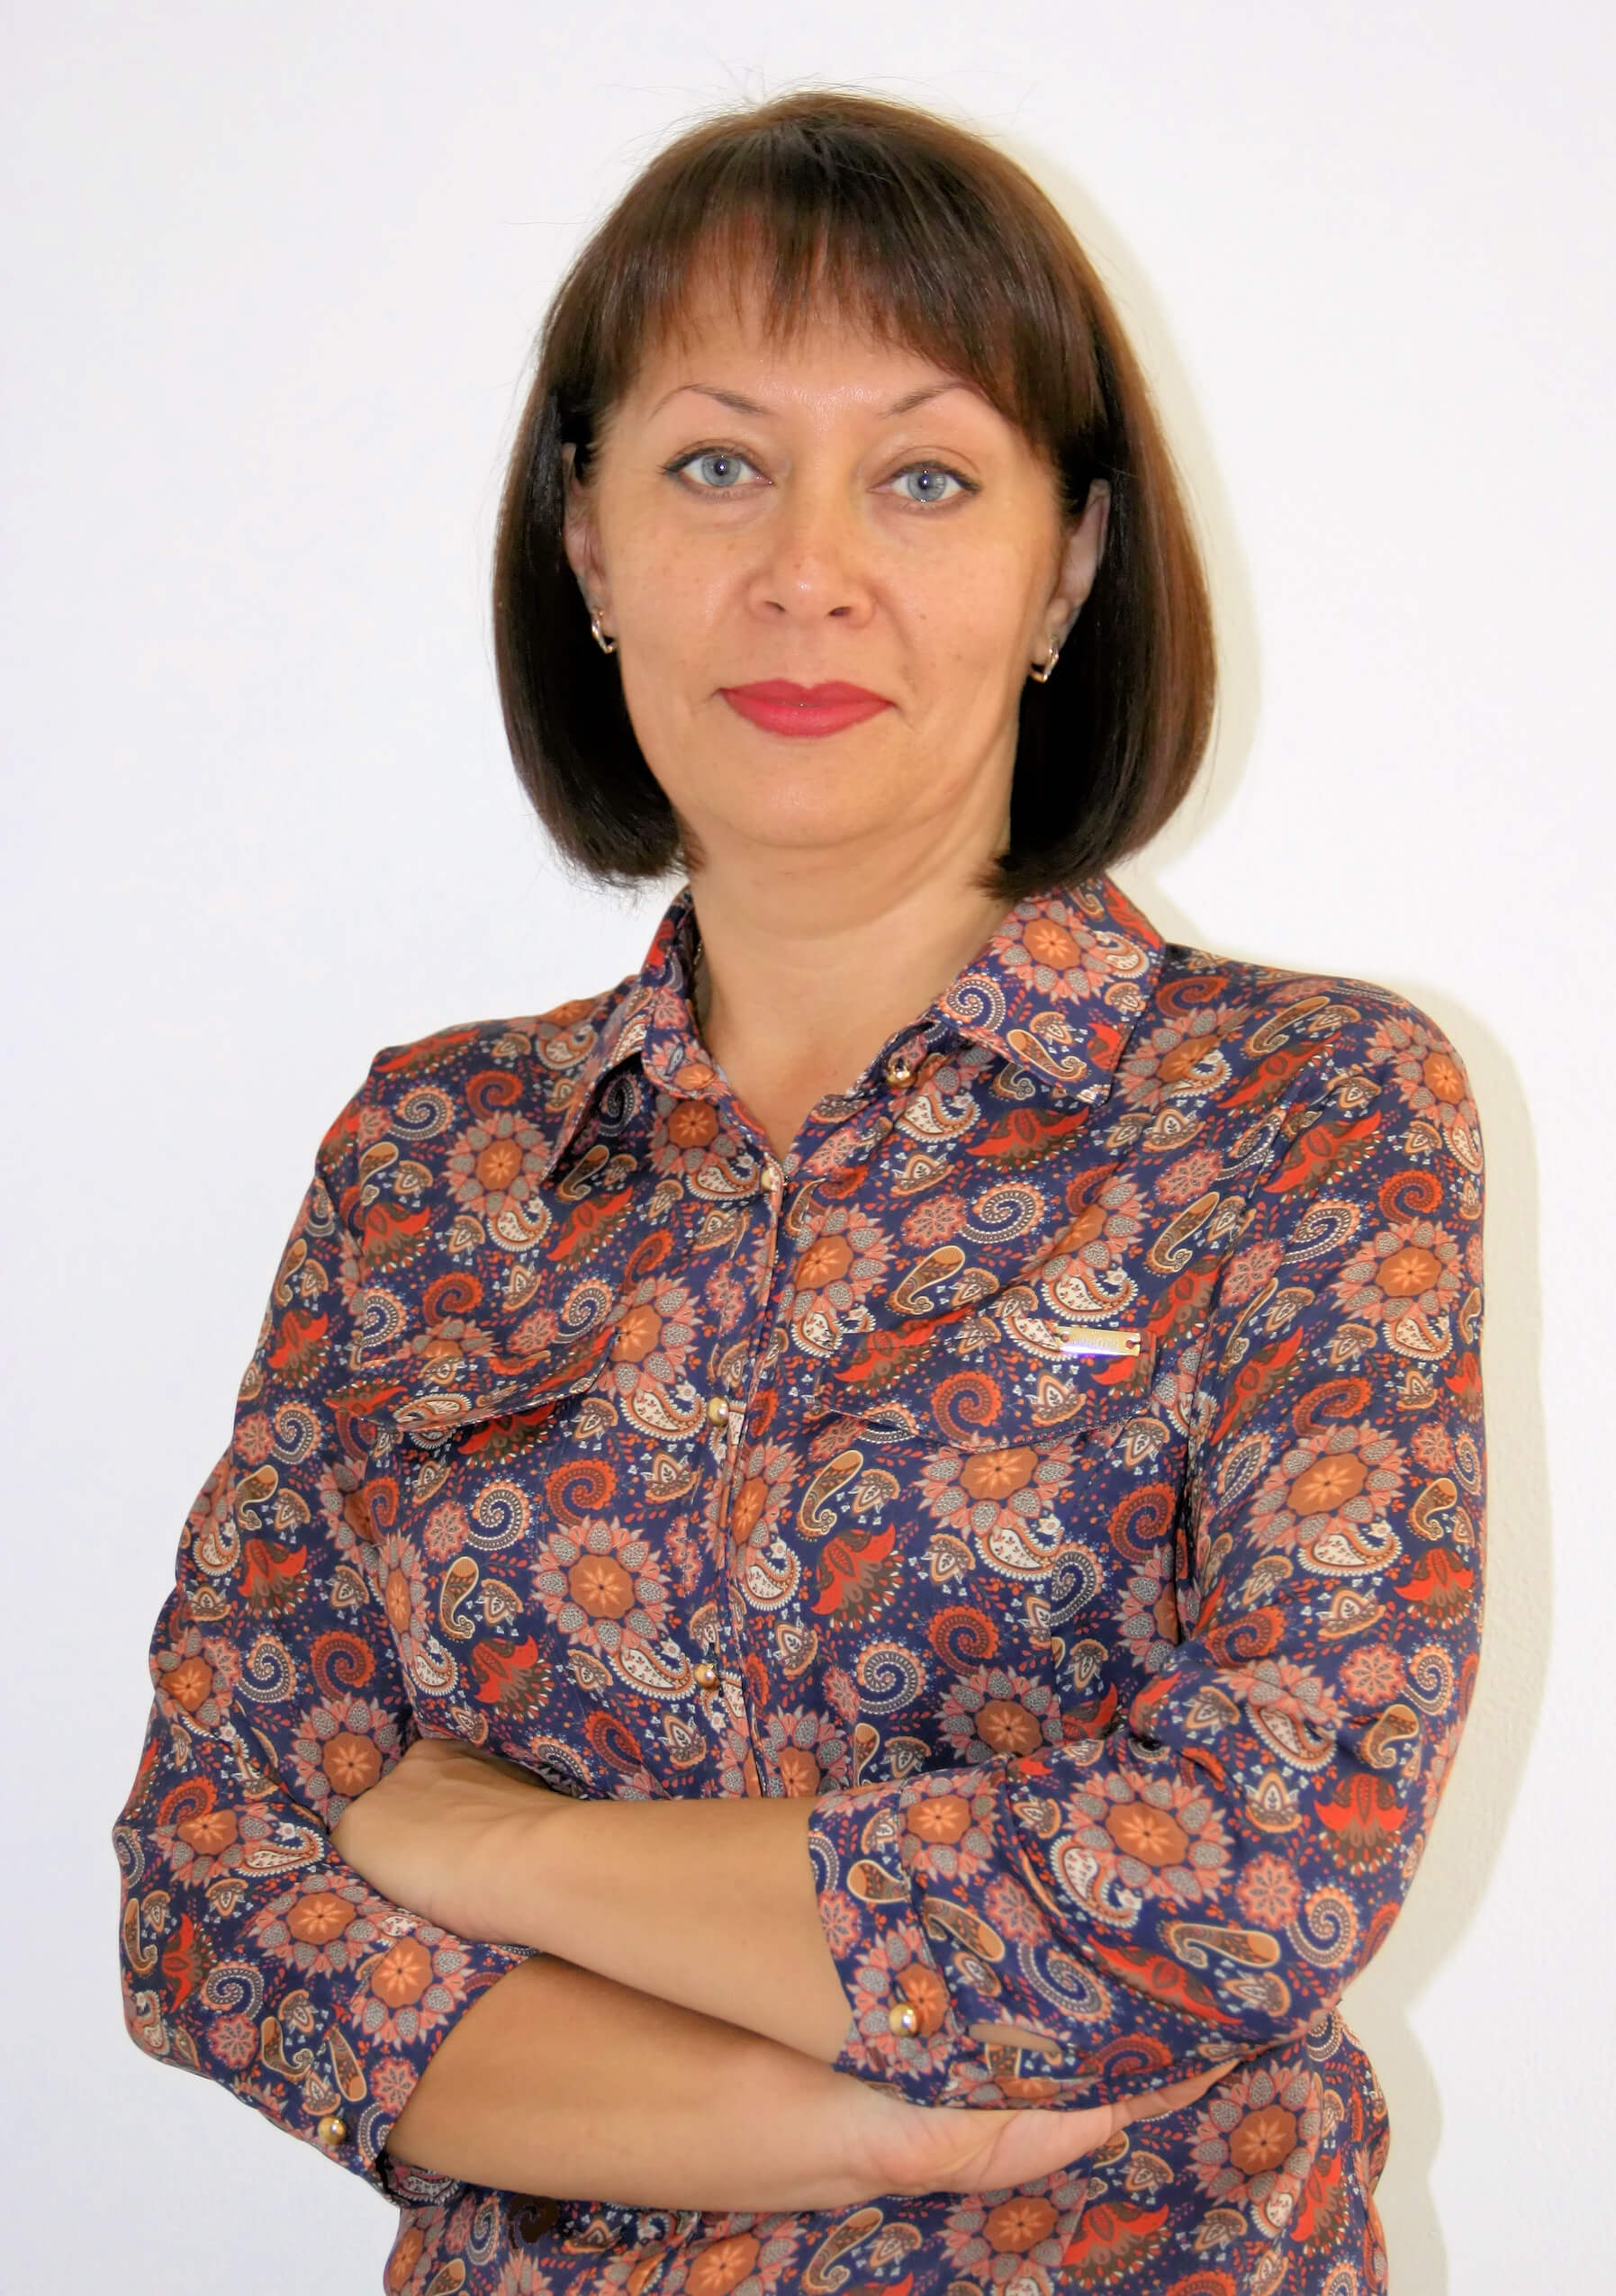 Мокраусова Юлия Александровна